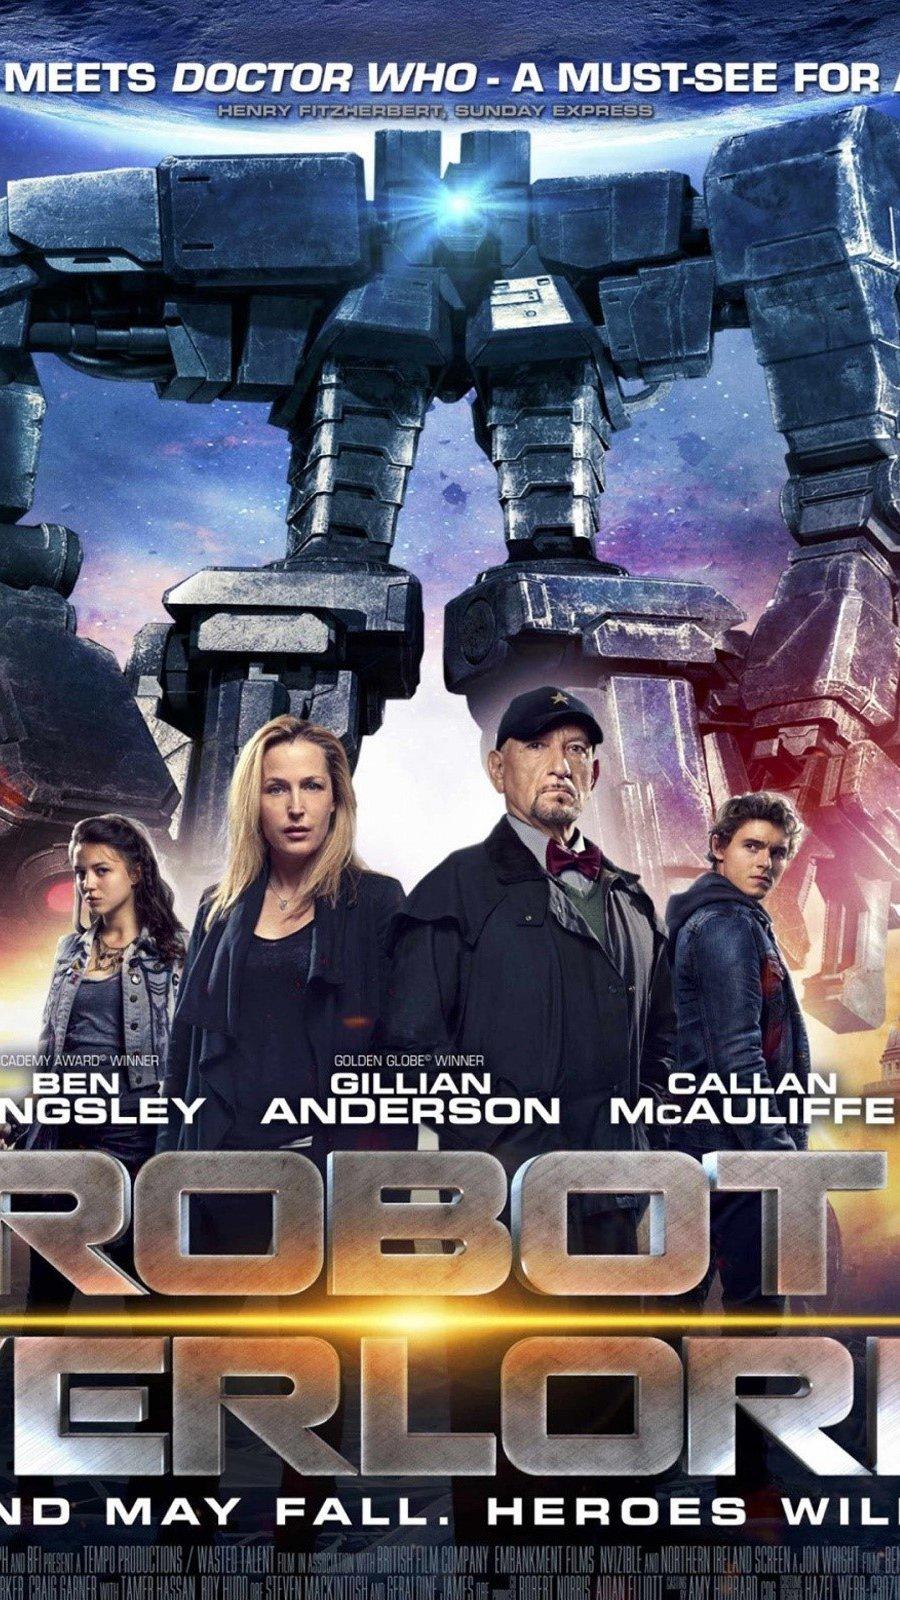 Wallpaper Robot overlords Vertical